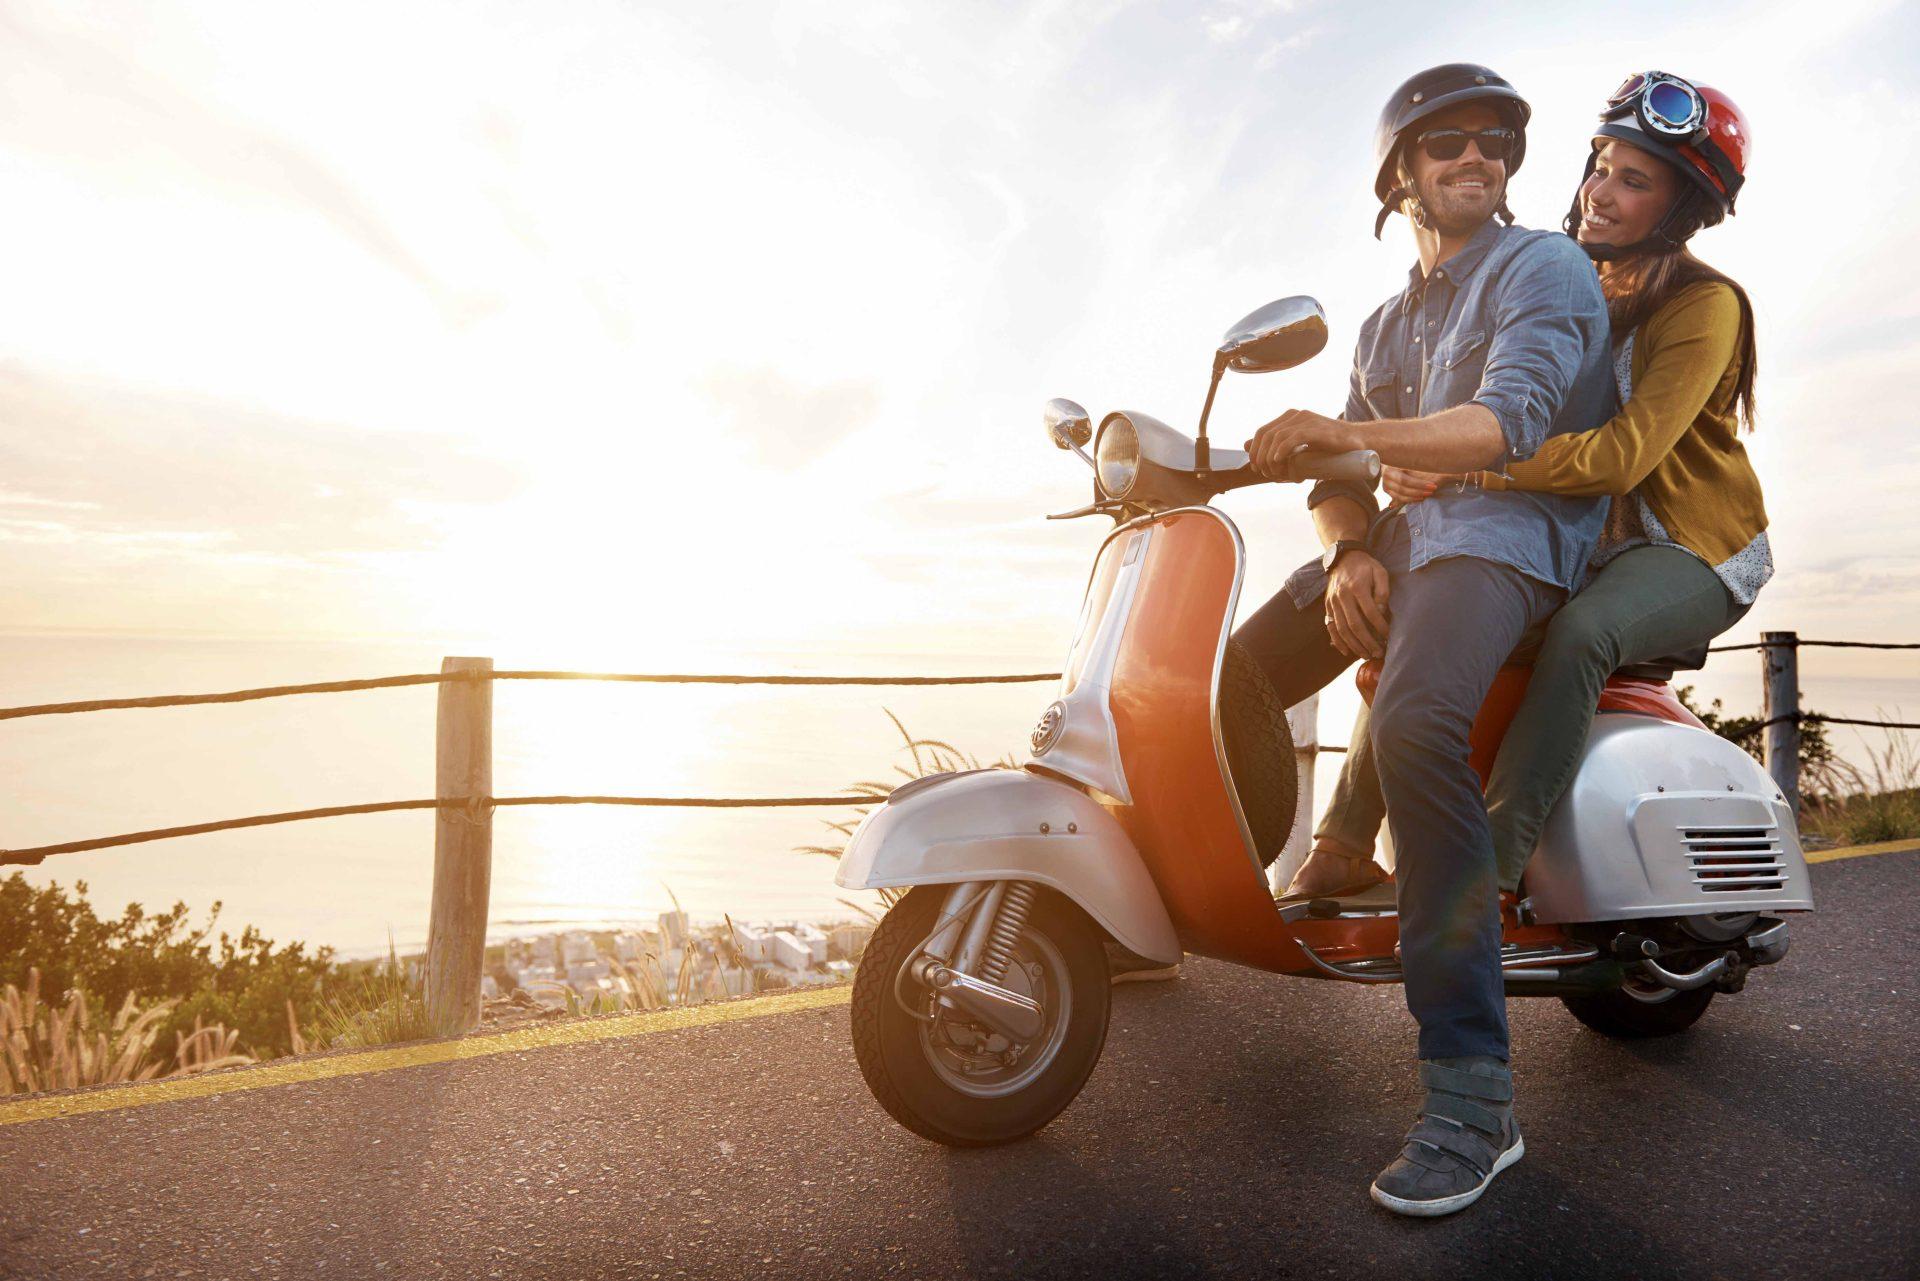 Versicherungsschutz für Roller- und Mopedschilder aktualisieren